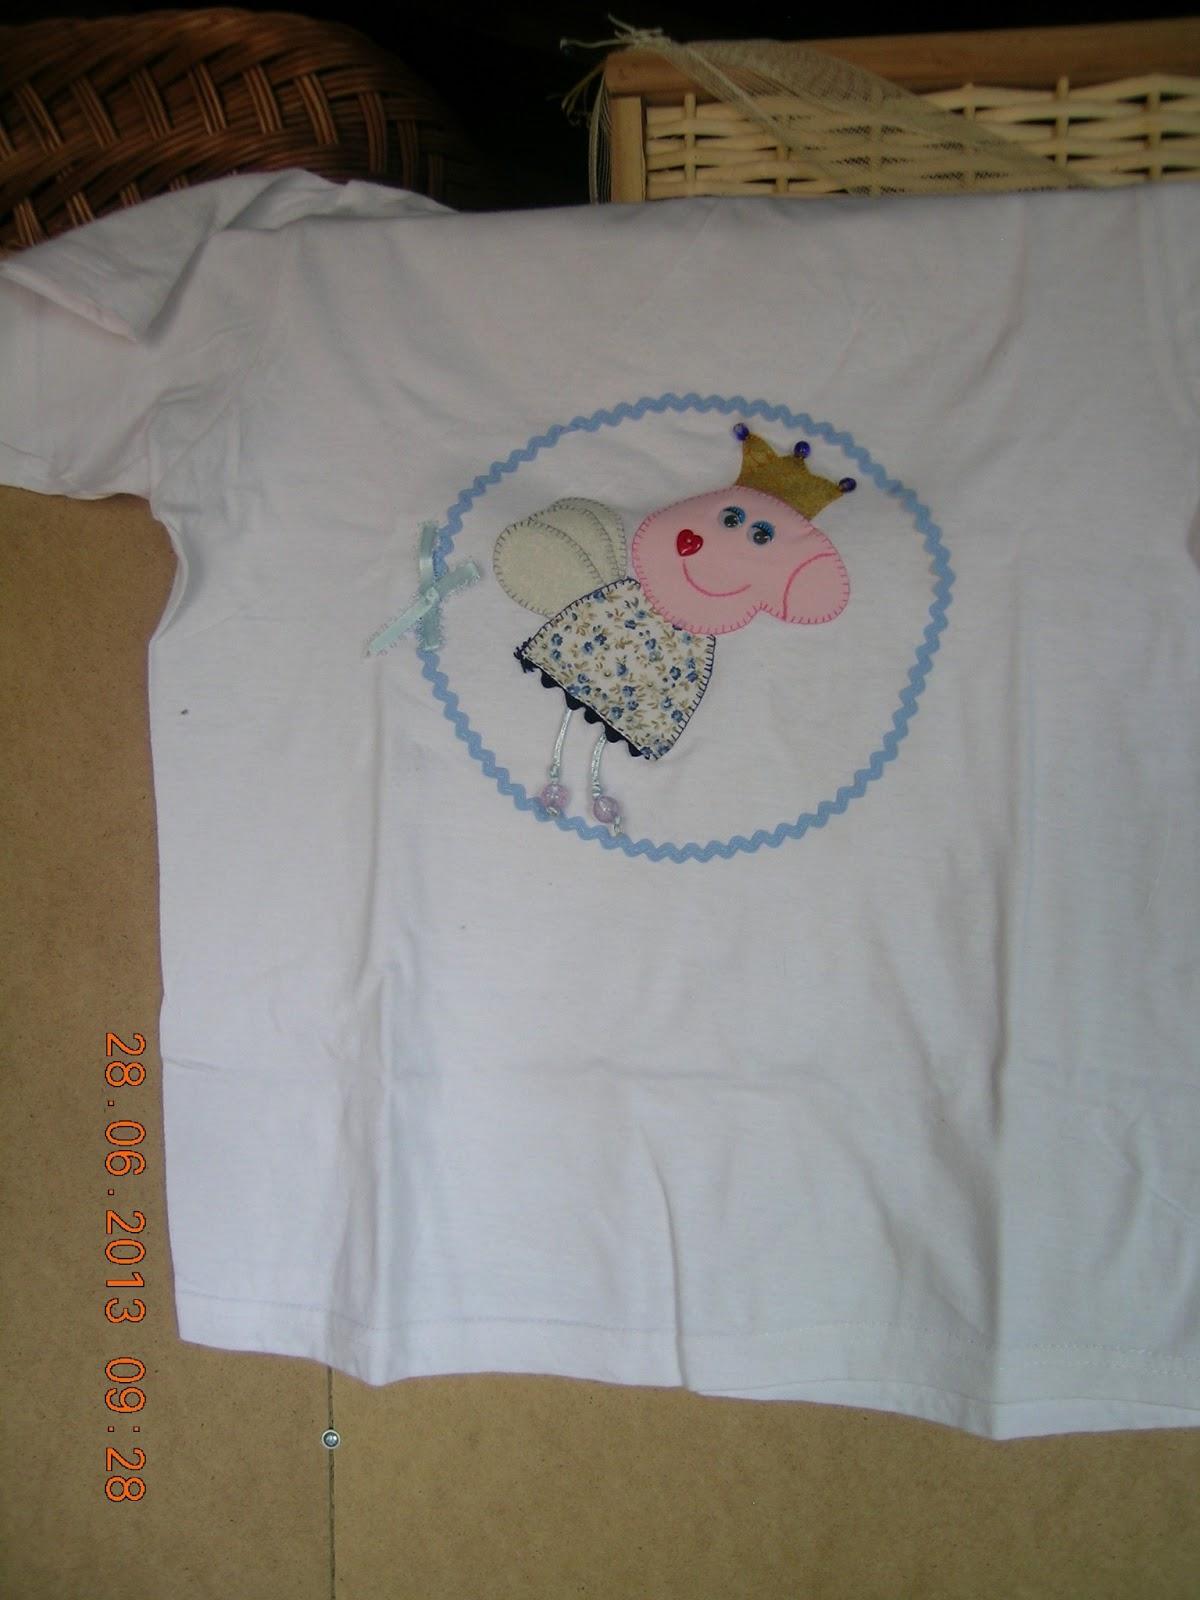 Labores artesanas camisetas y mas - Almazuelas patrones gratis ...